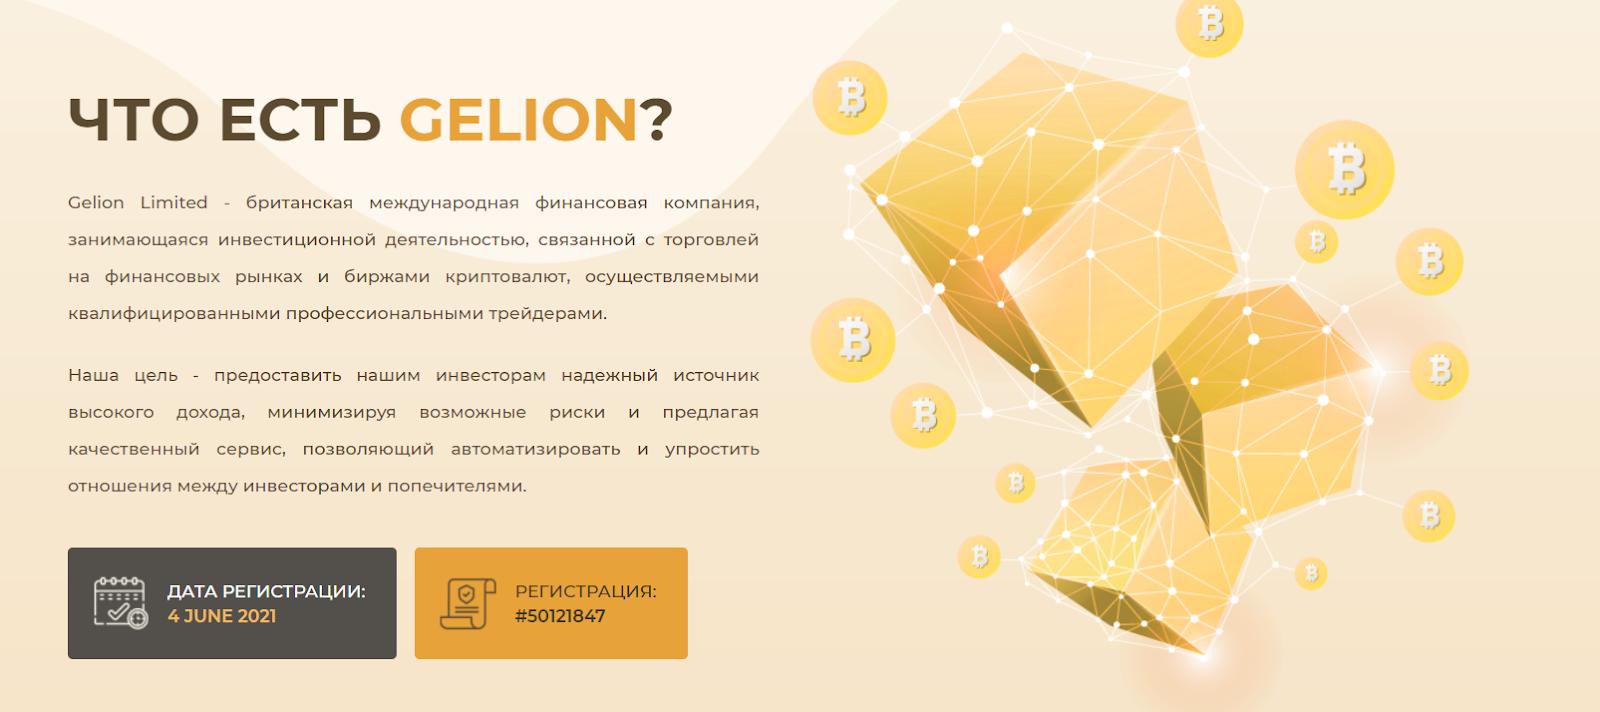 Отзывы о пирамиде Gelion: чего стоит ожидать от проекта? обзор